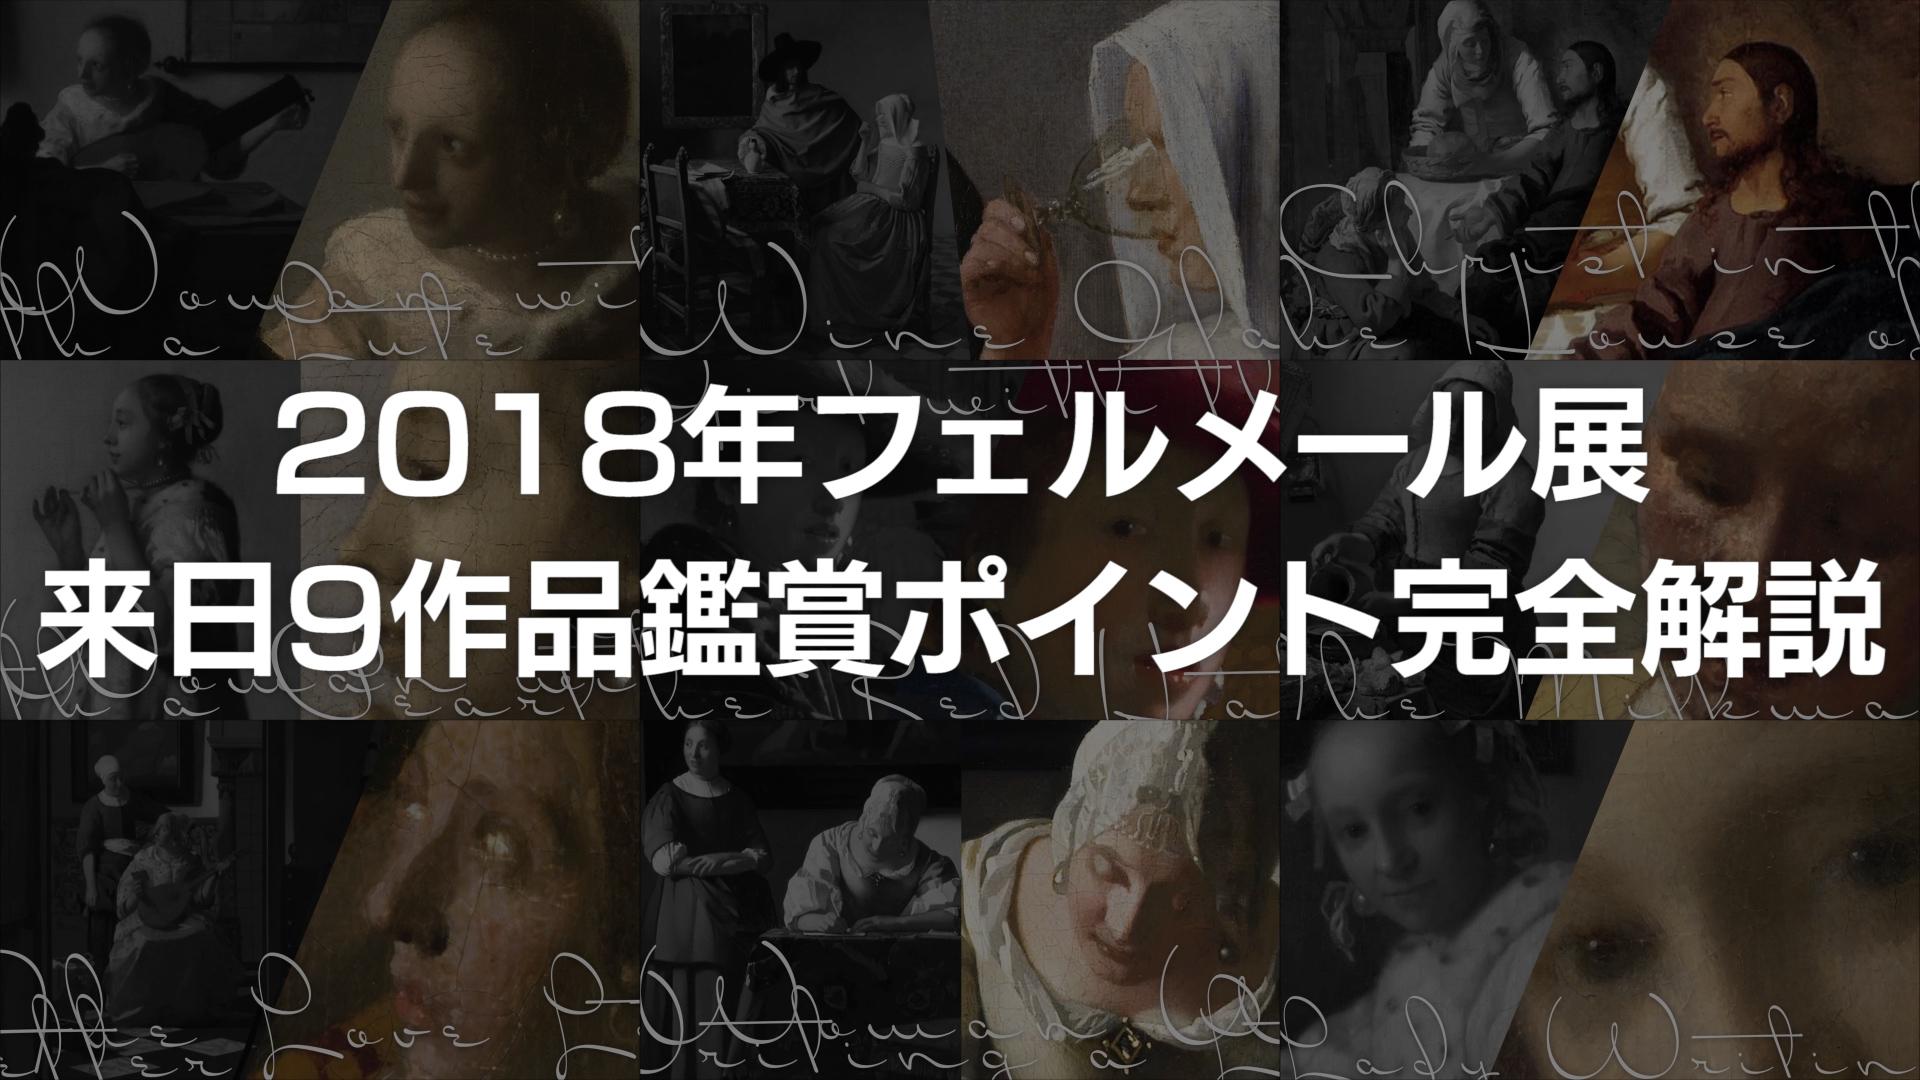 2018年フェルメール展 来日9作品鑑賞ポイント完全解説